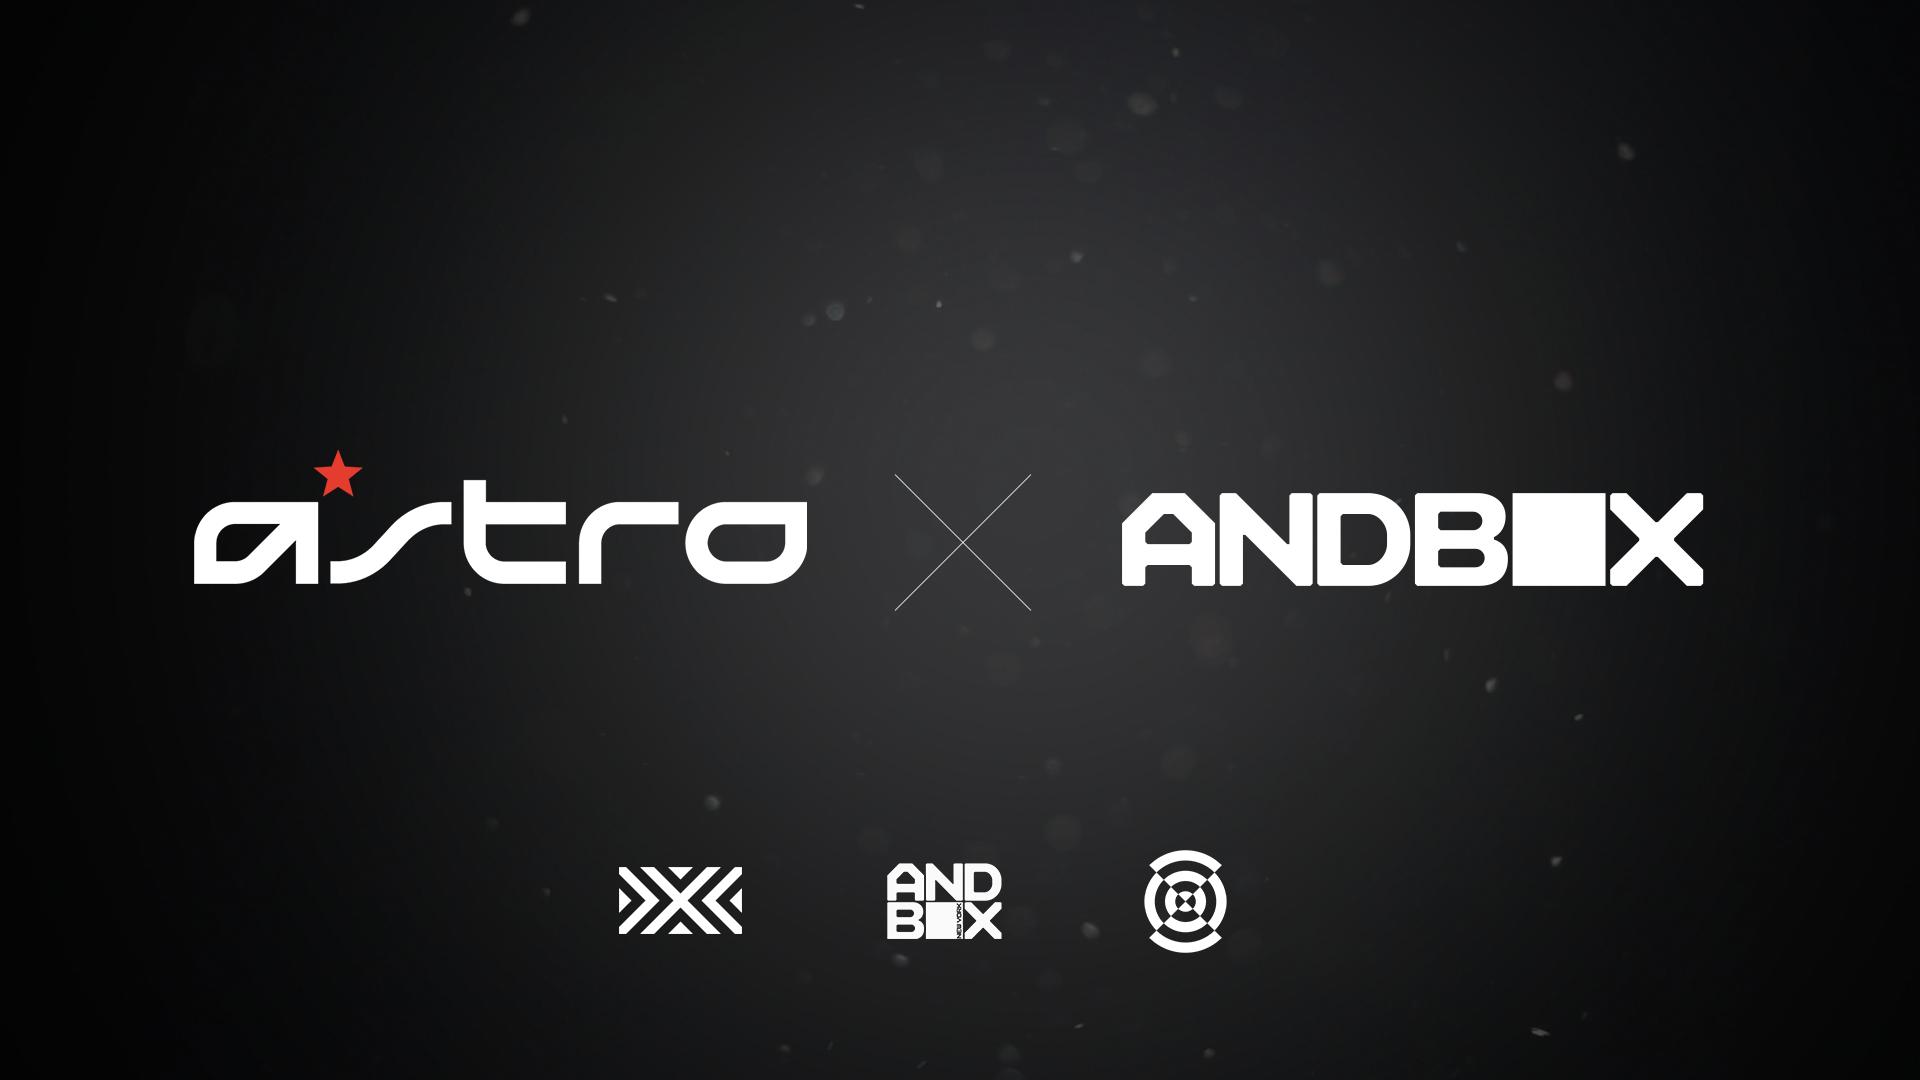 ASTRO x Andbox